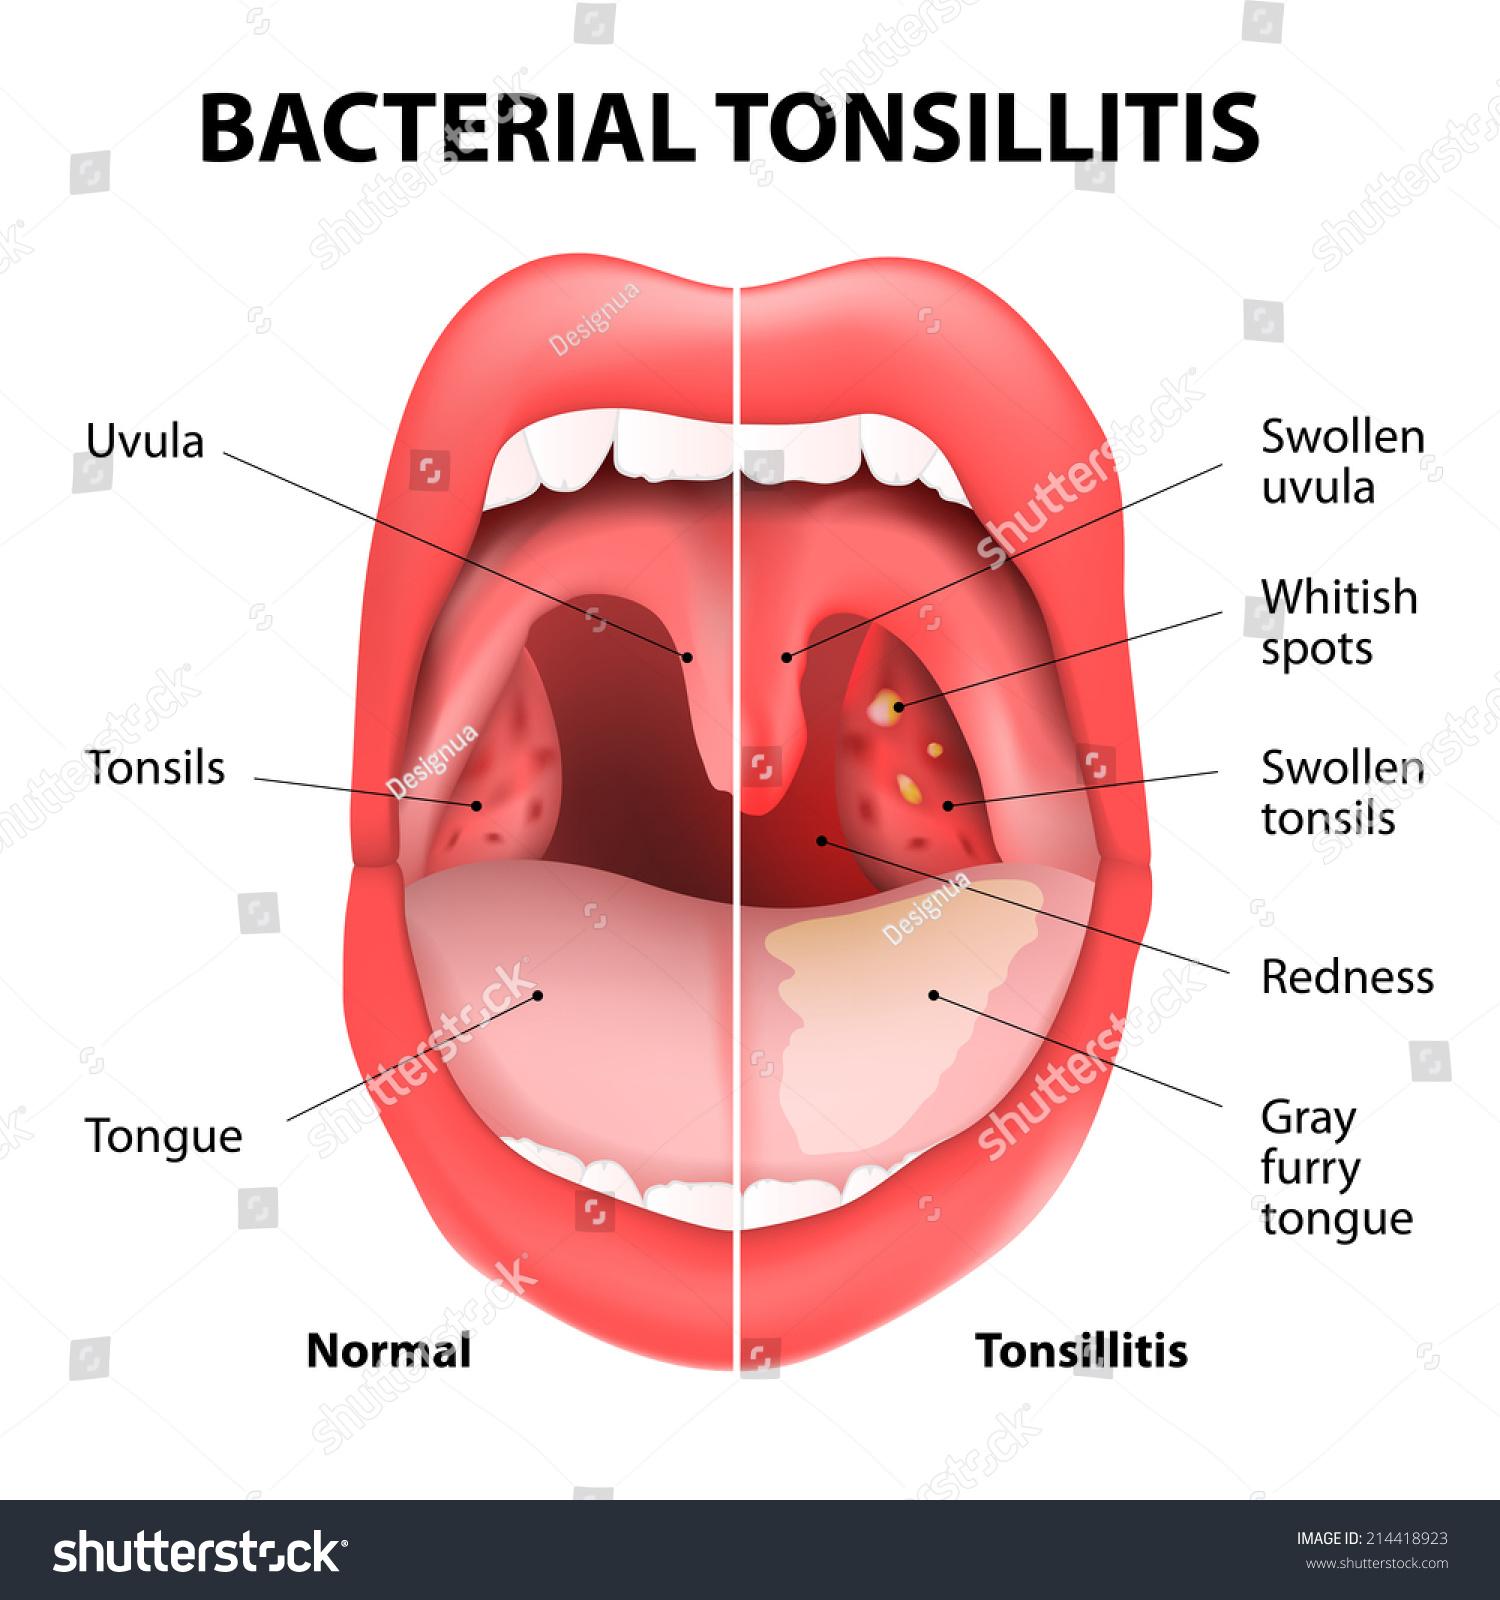 Bacterium strep throat